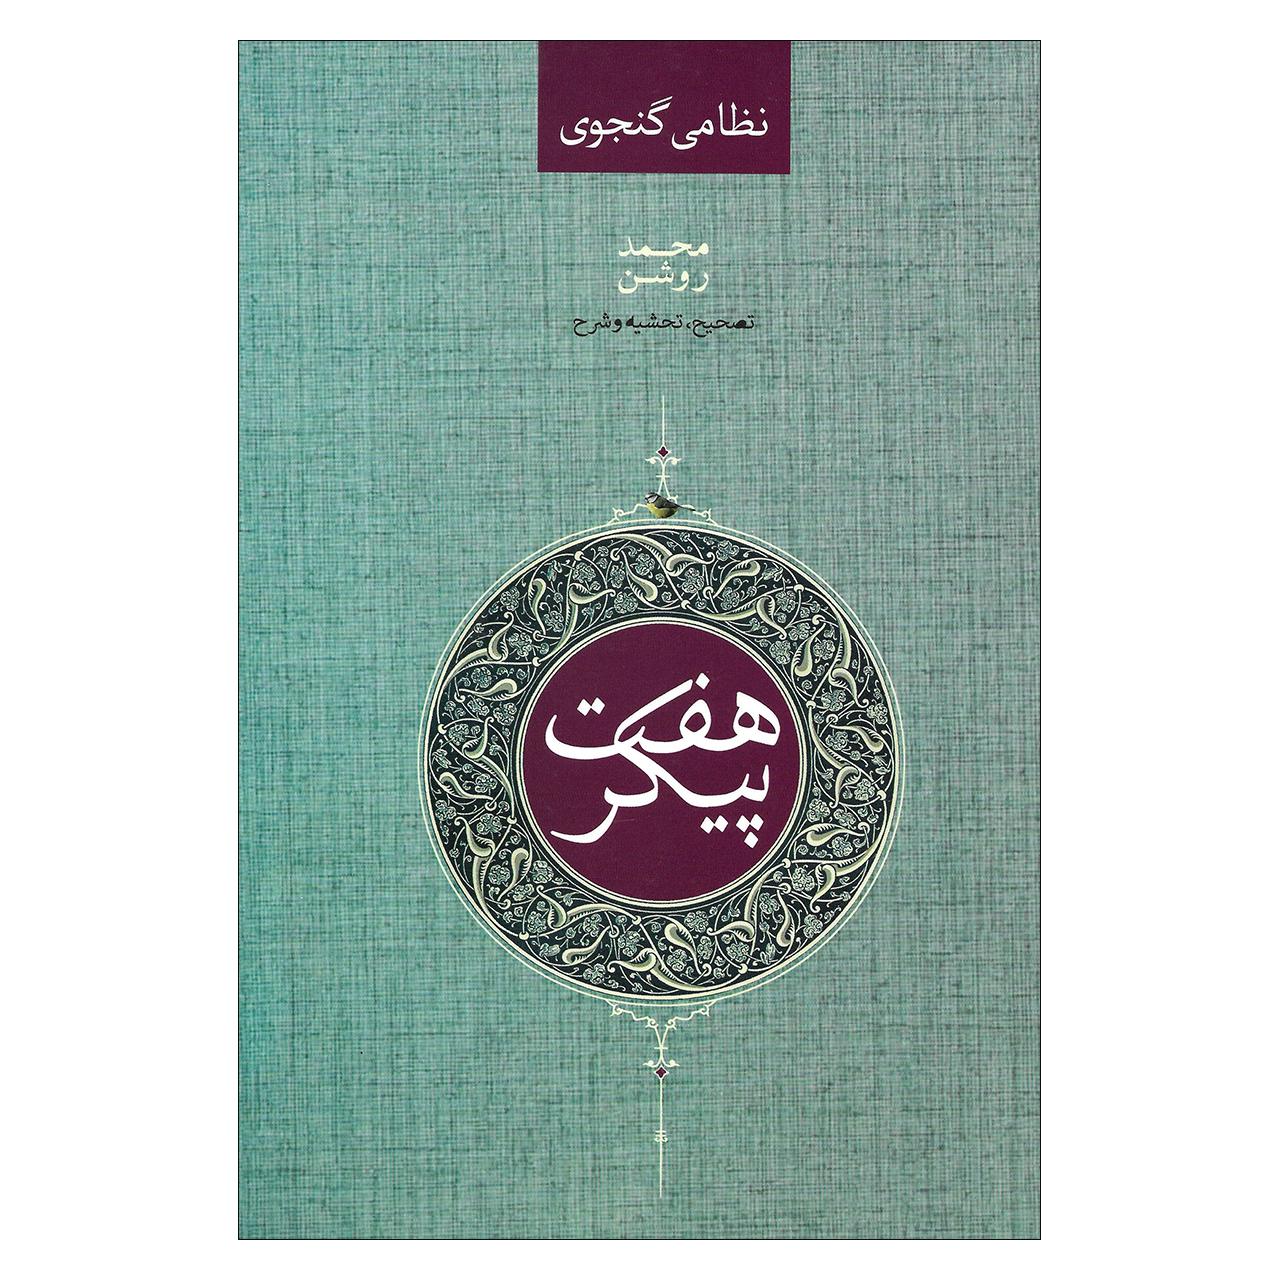 خرید                      کتاب نظامی گنجوی هفت پیکر اثر محمد روشن نشر صدای معاصر